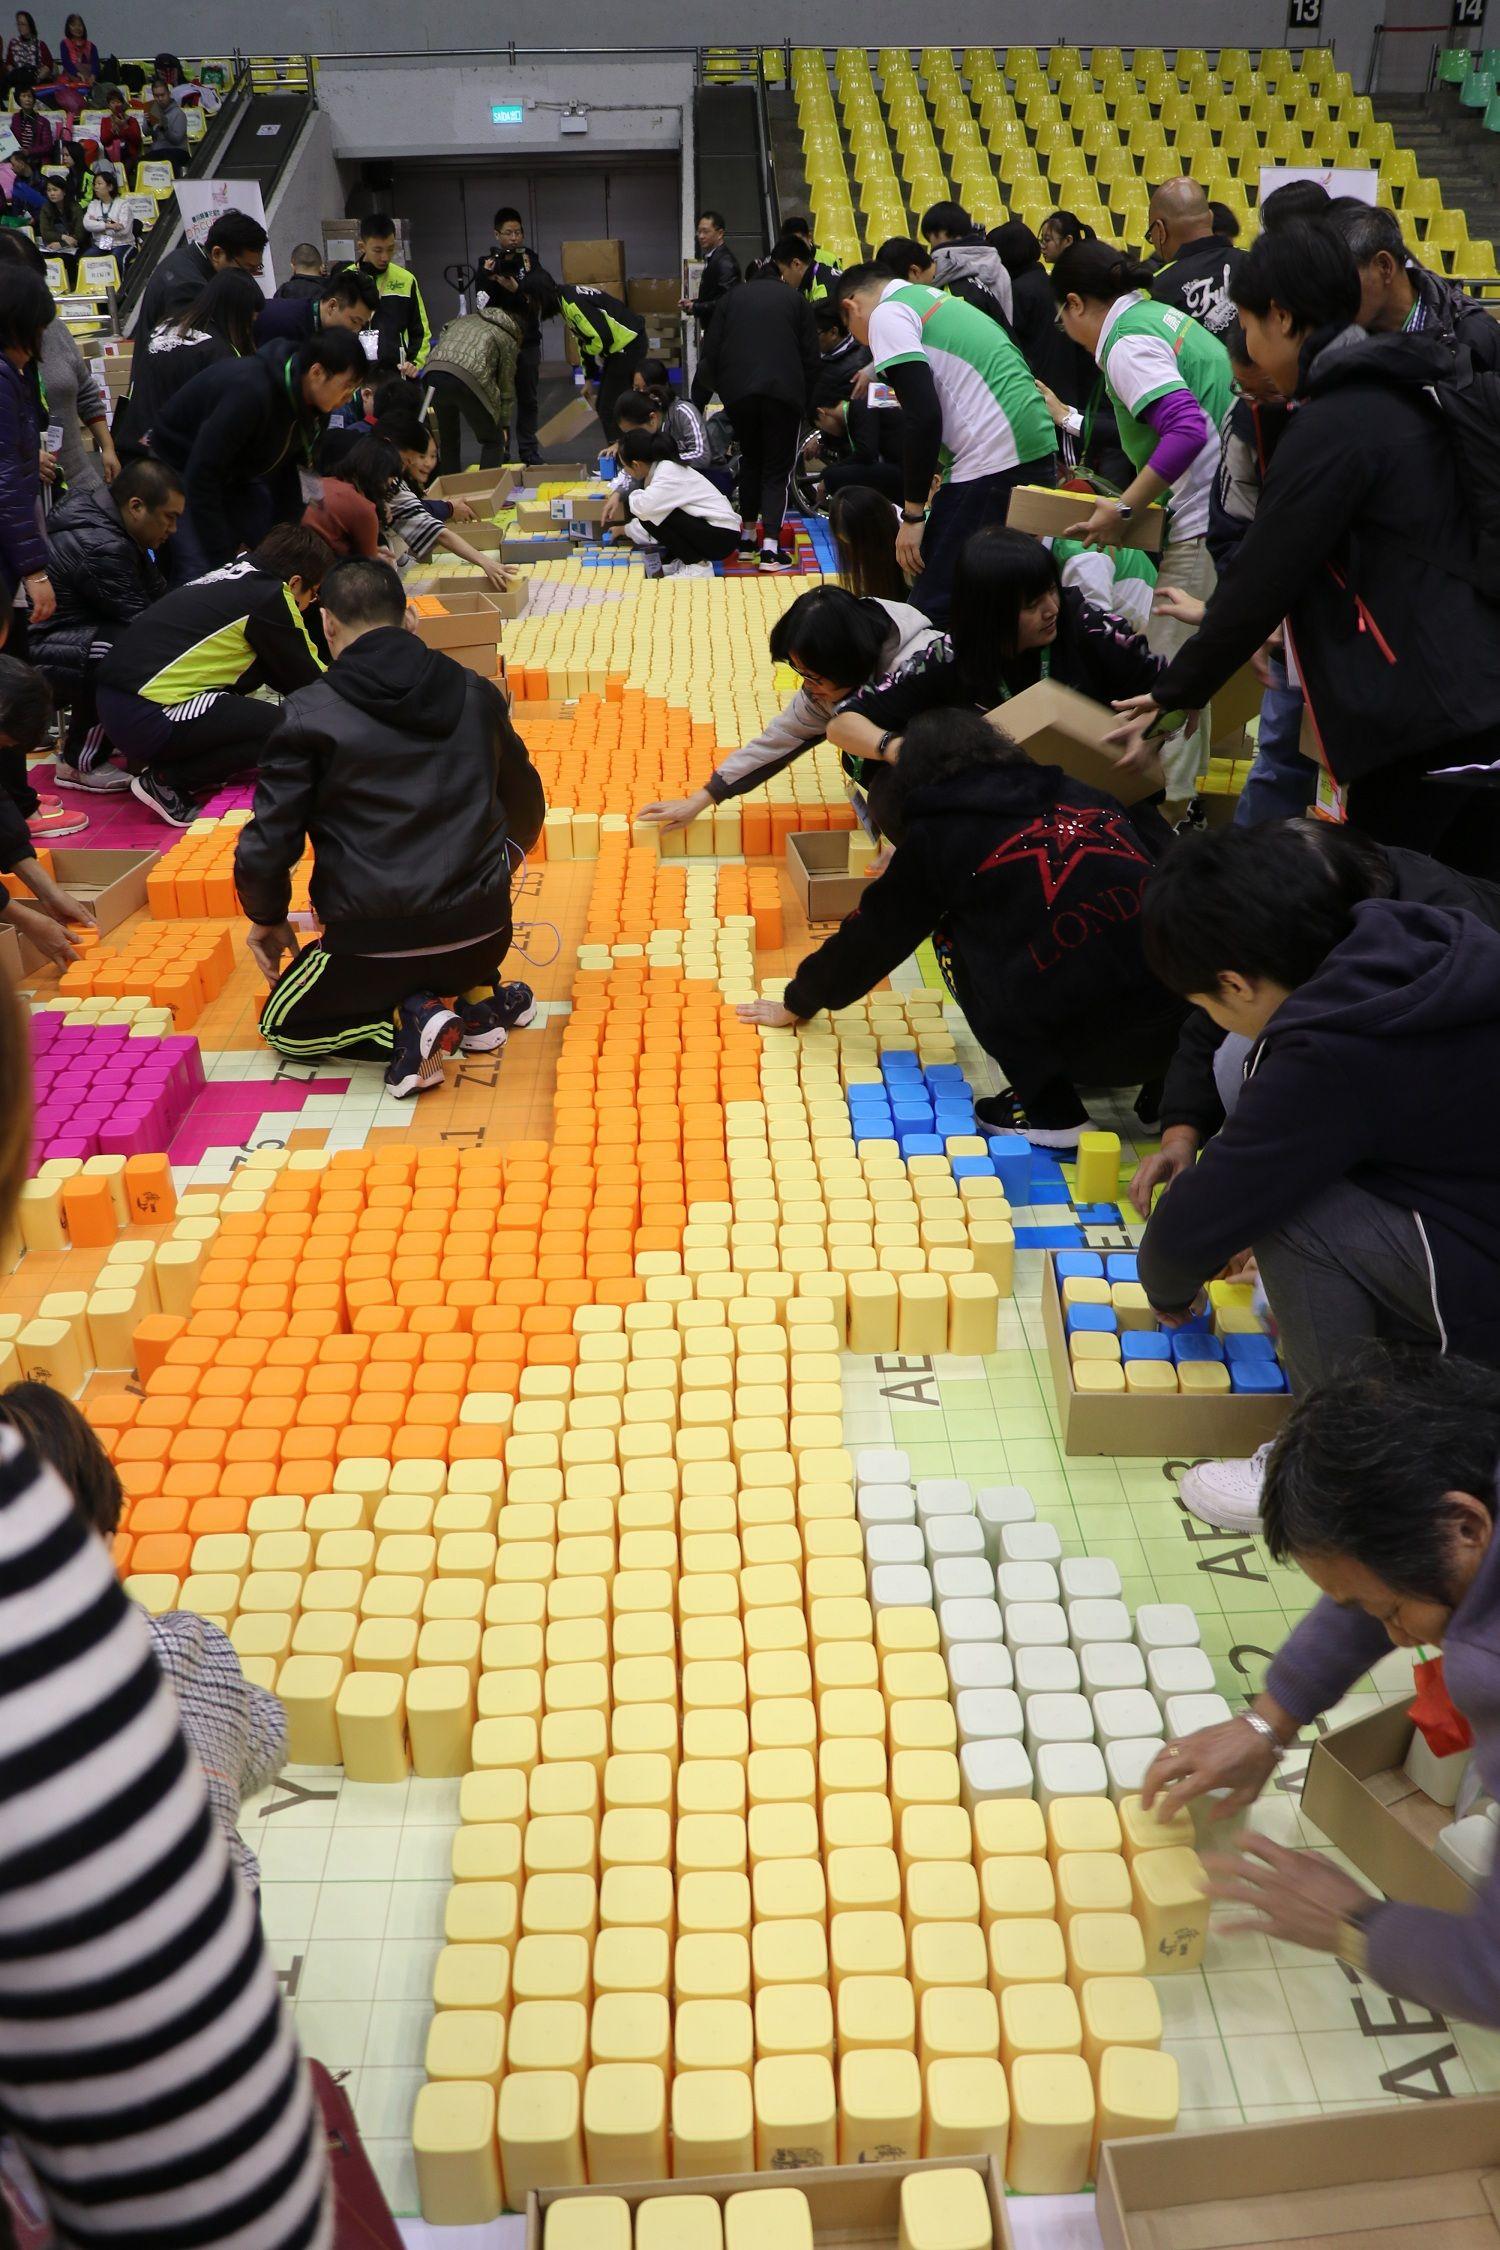 約300人砌22,650杯子破健力士紀錄